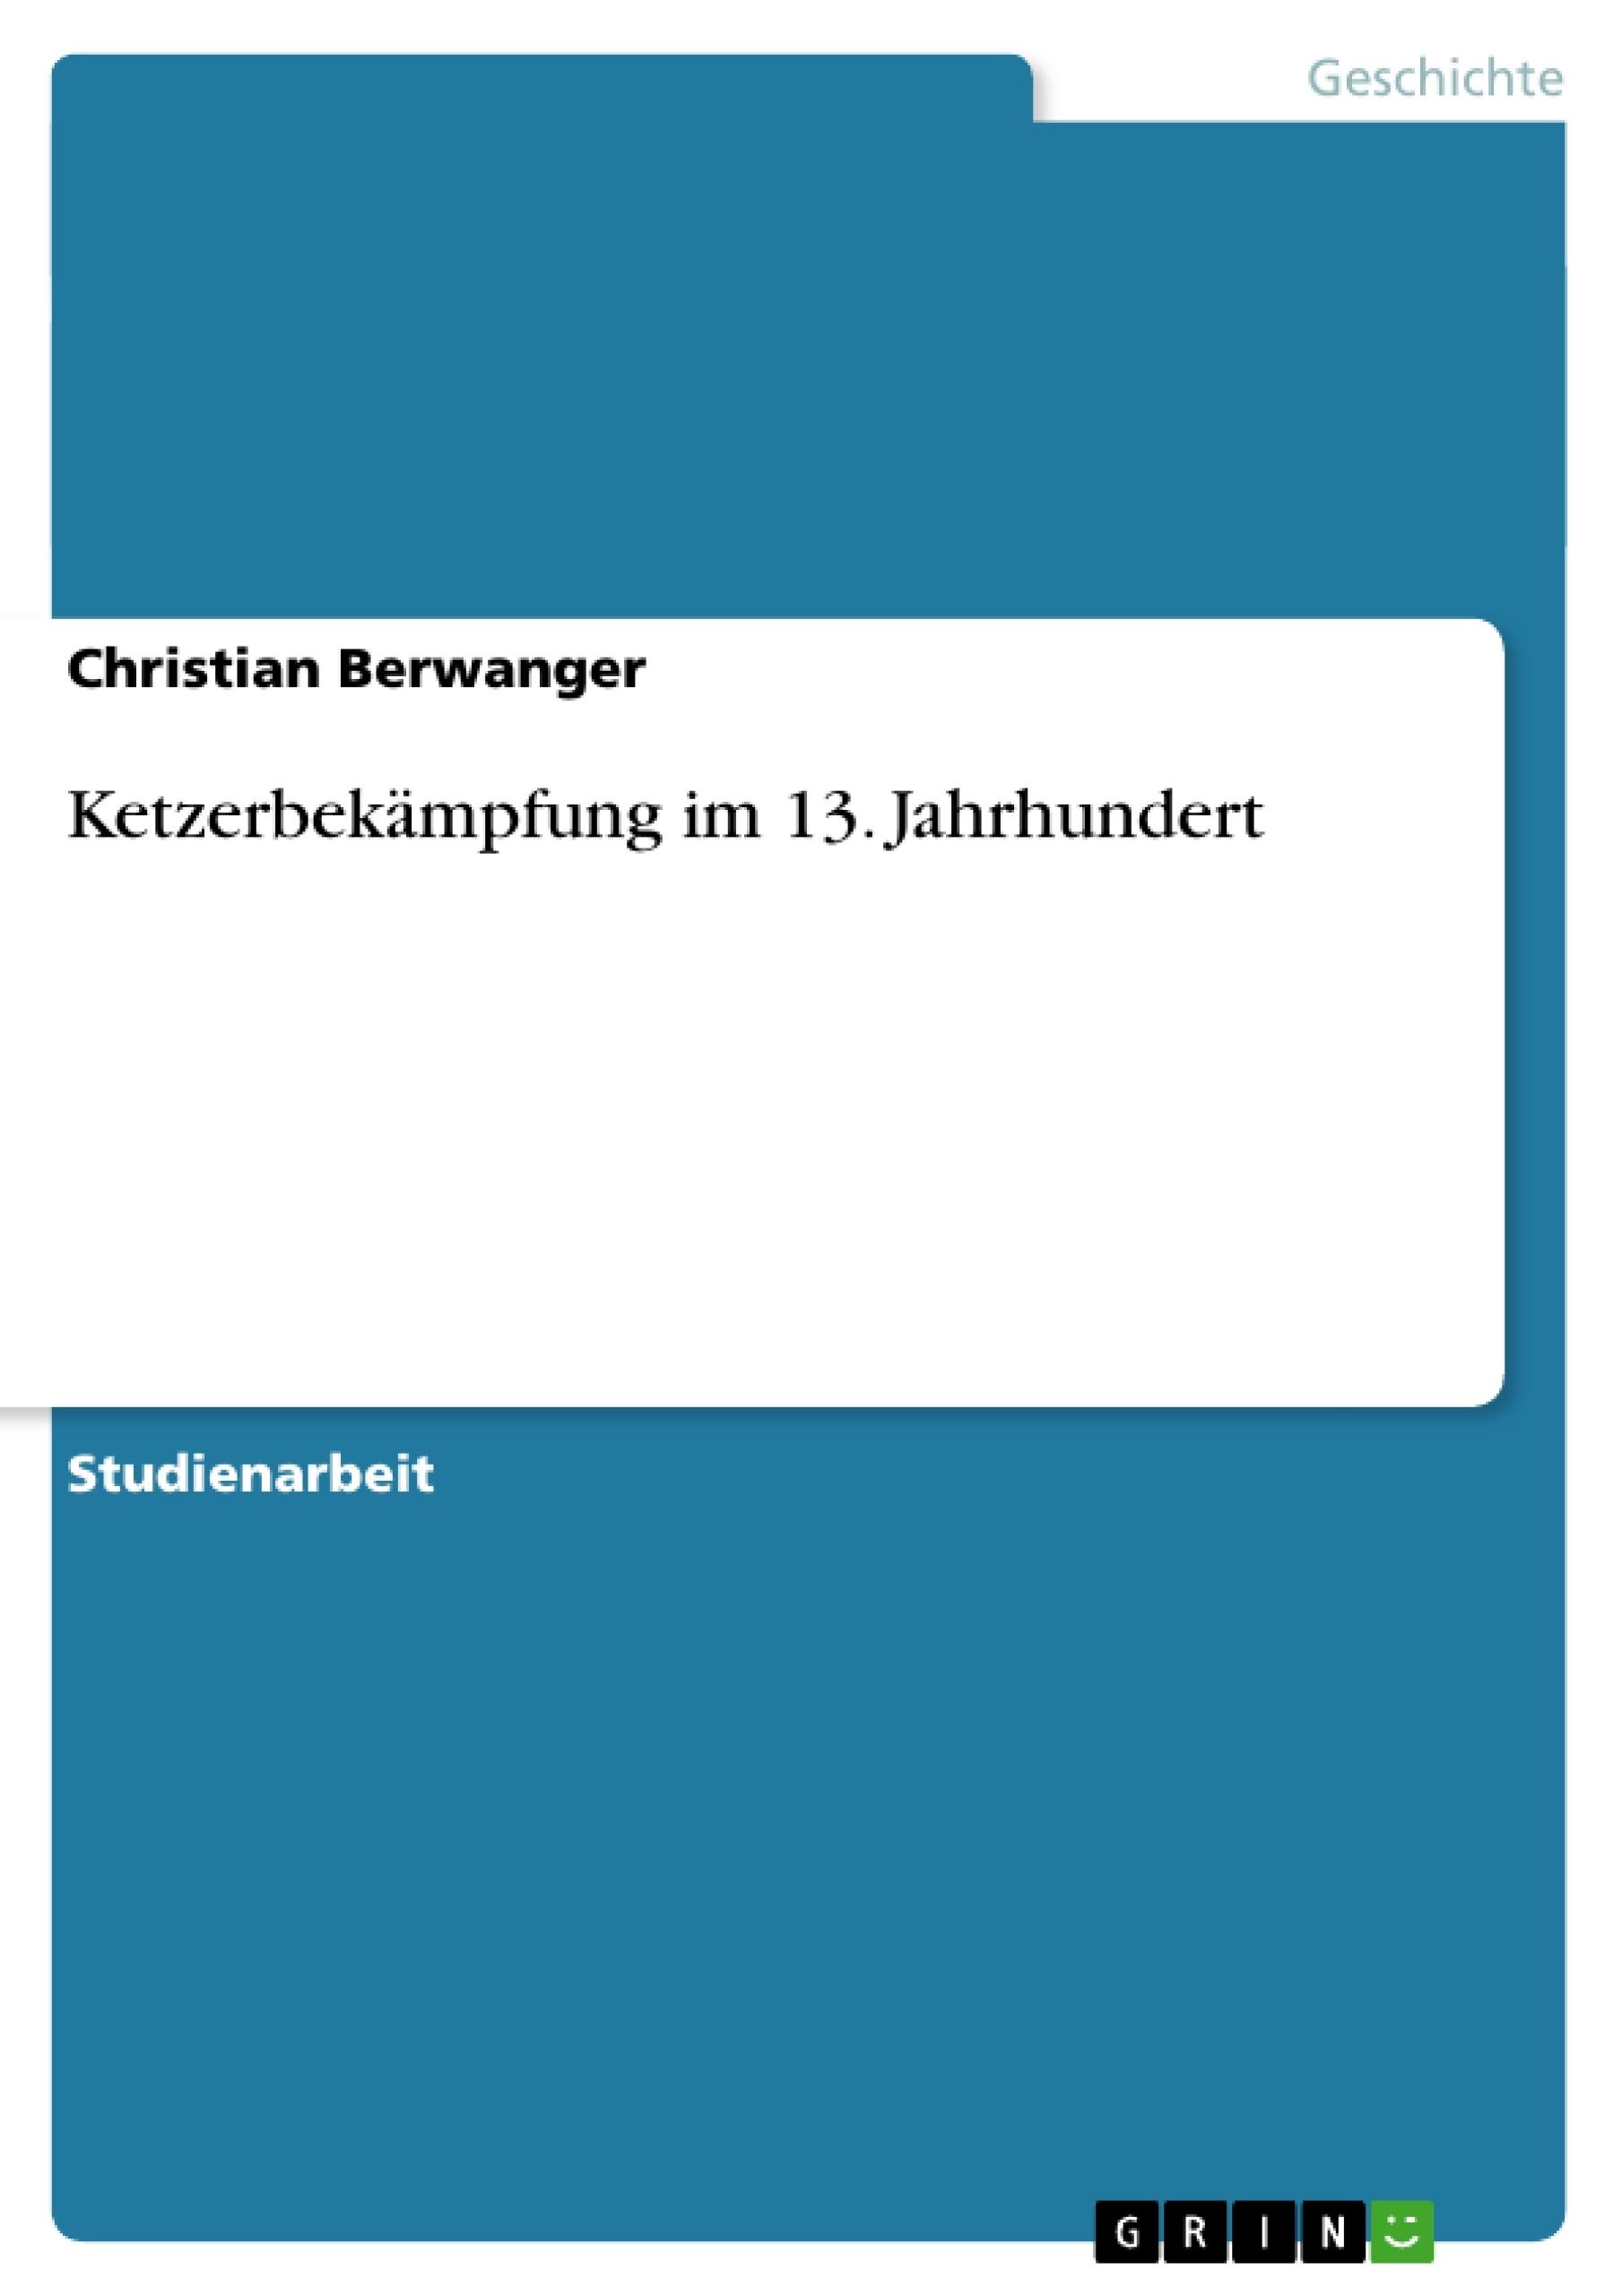 Titel: Ketzerbekämpfung im 13. Jahrhundert